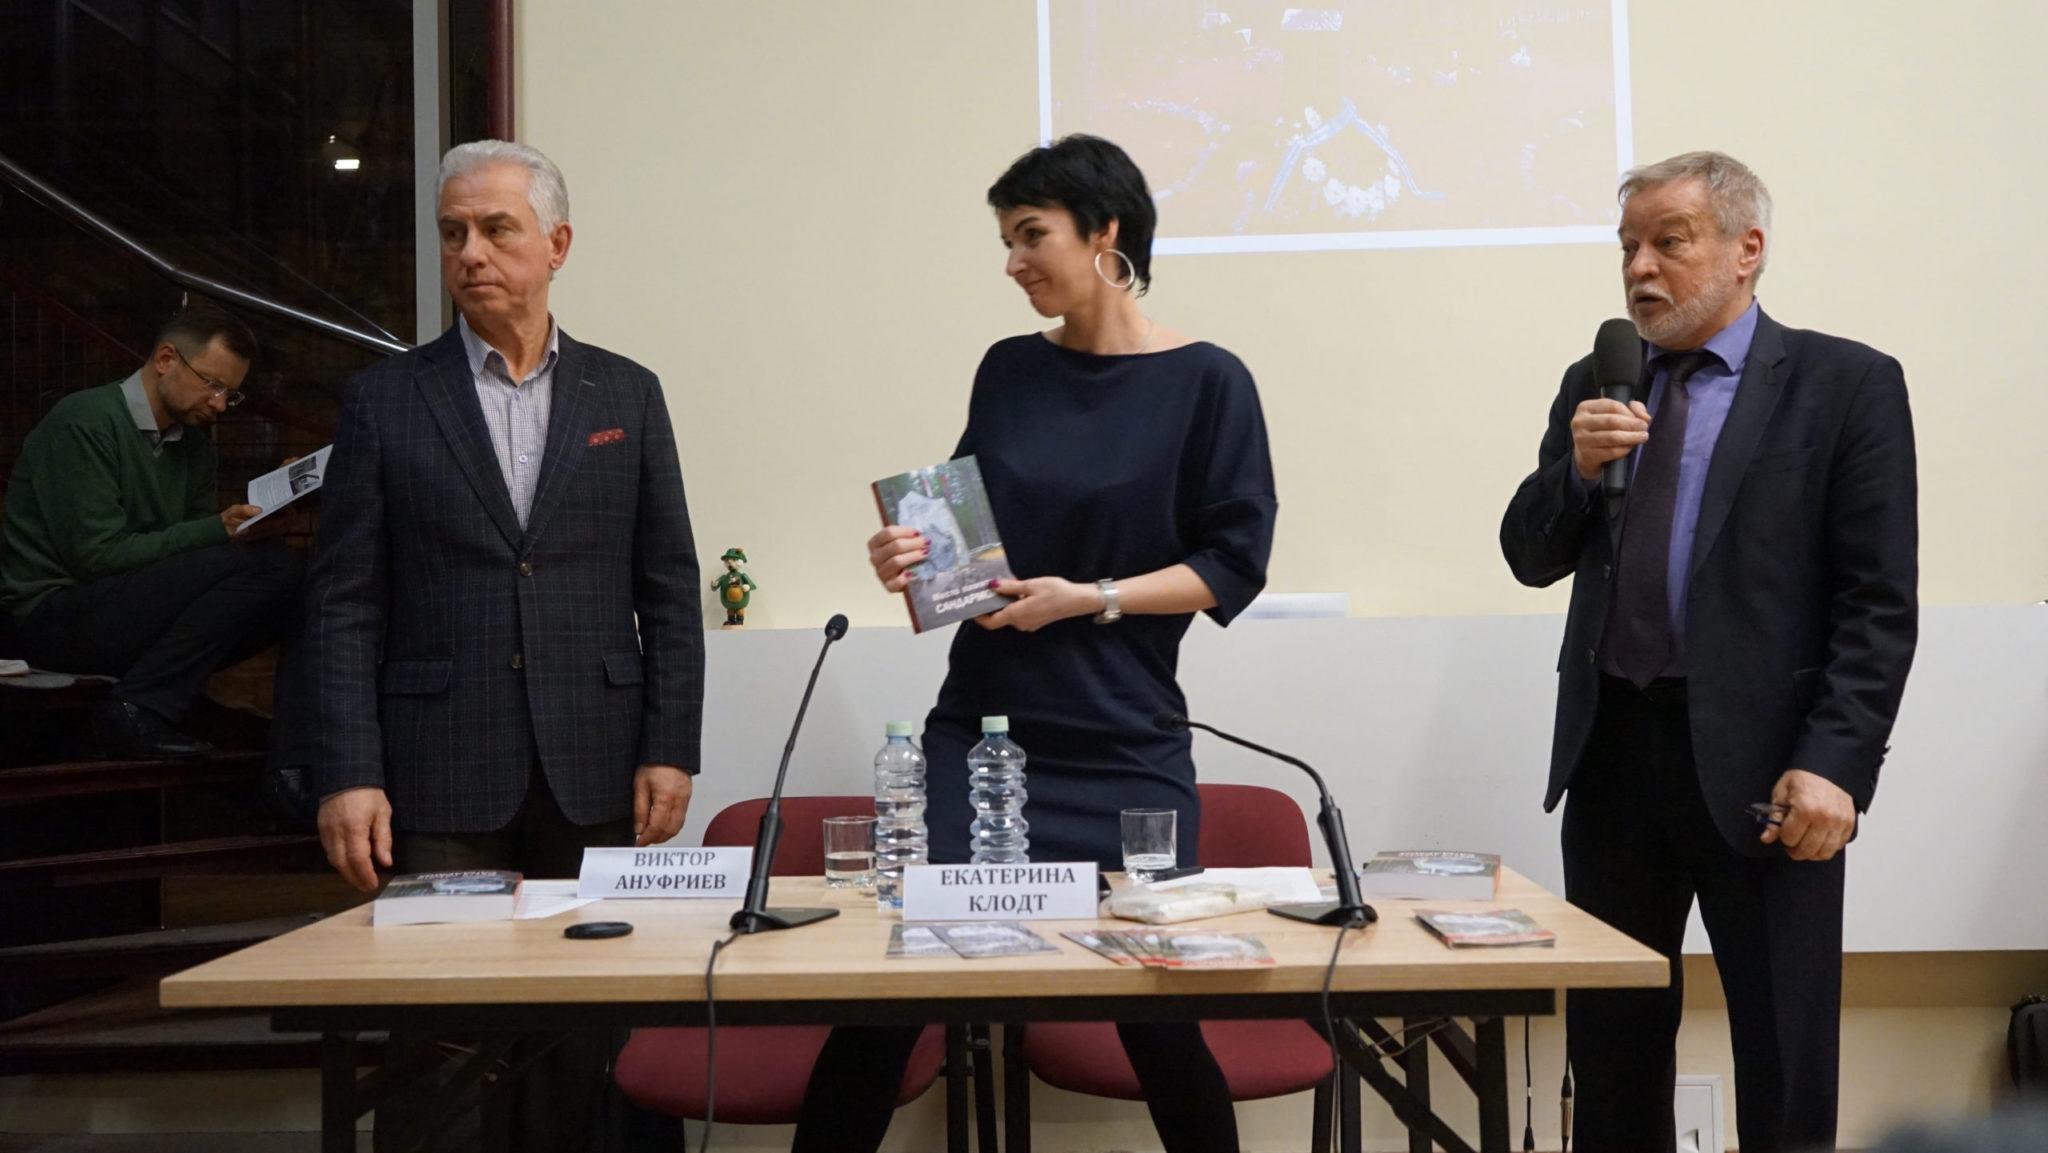 Адвокат Виктор Ануфриев, Катерина Клодт и Анатолий Разумов на презентации книги в «Мемориале», 15 января 2020 года